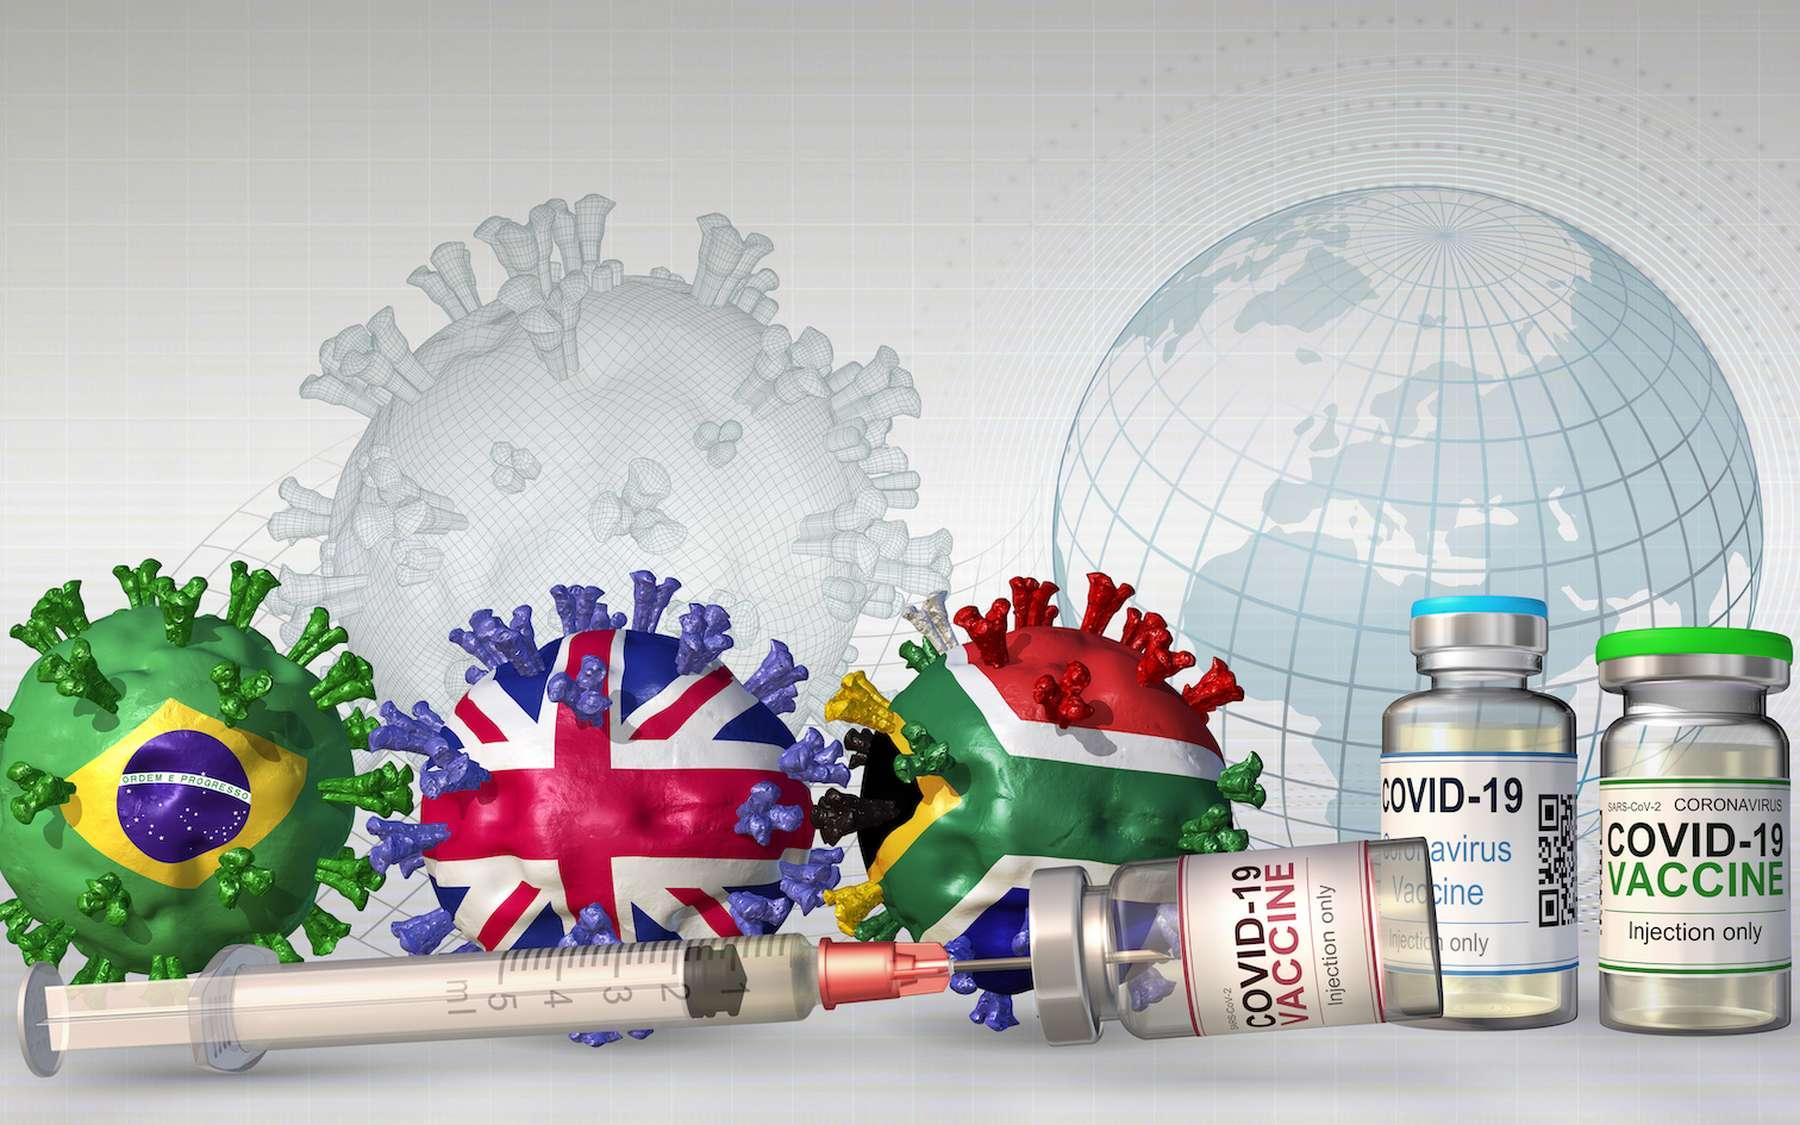 Des variants résistants aux vaccins sont plus susceptibles d'émerger lorsque la majeure partie la population est vaccinée. © Dana.S, Adobe Stock